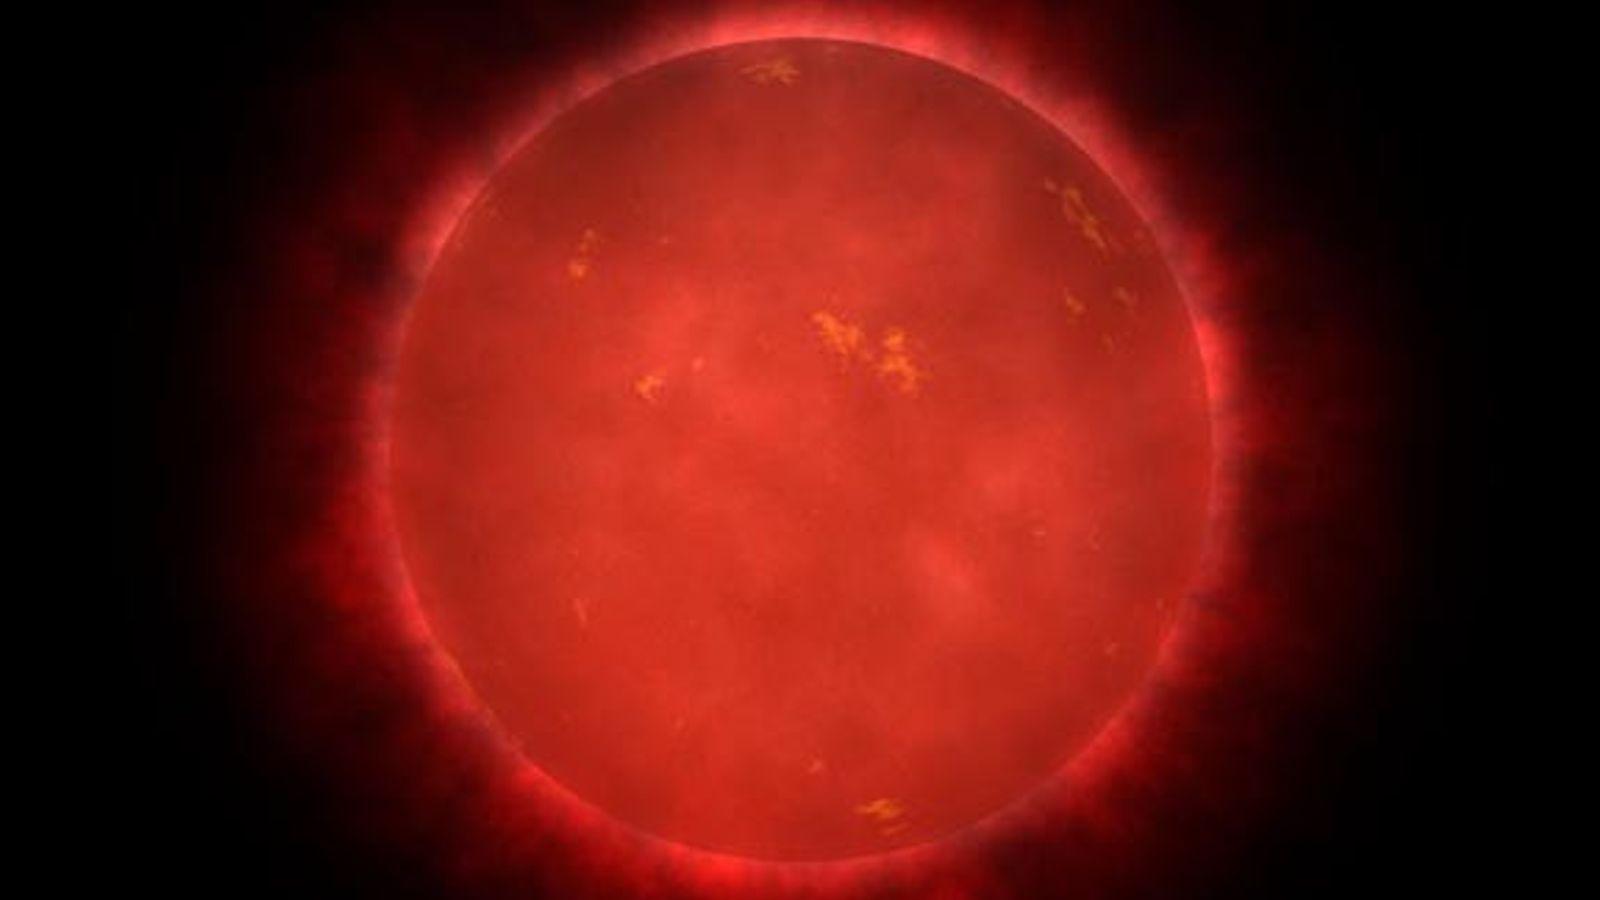 Ici reprise dans une illustration, l'étoile de Teegarden est une naine rouge très peu brillante située ...